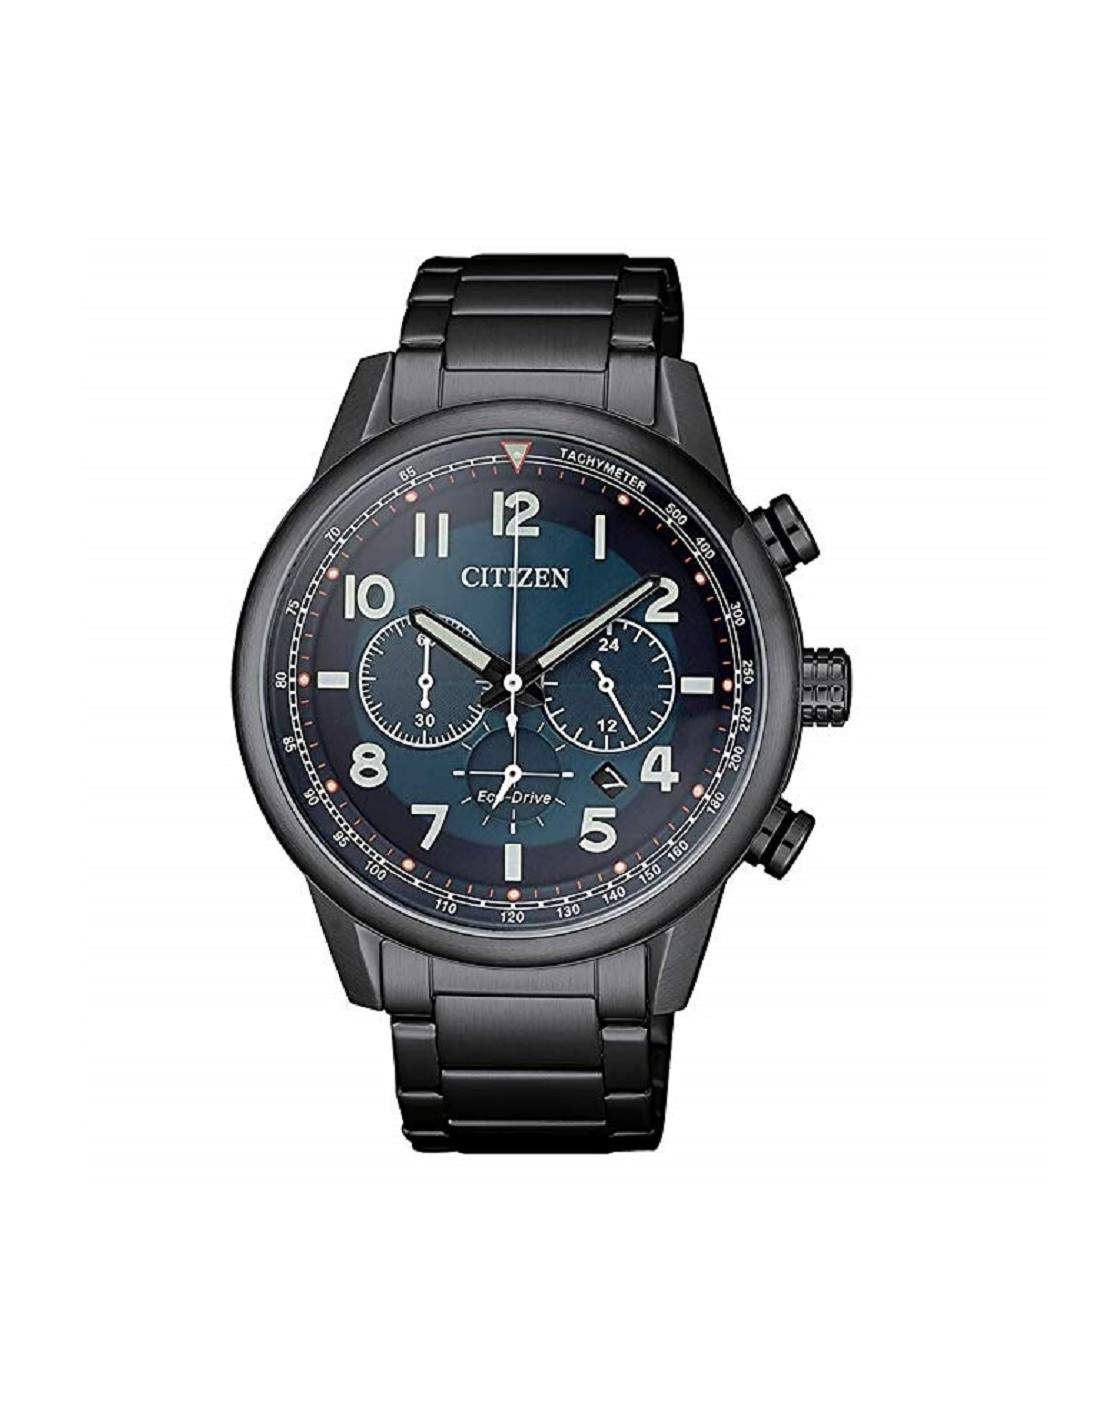 Orologio militare citizen military chrono eco drive ca4425-87l